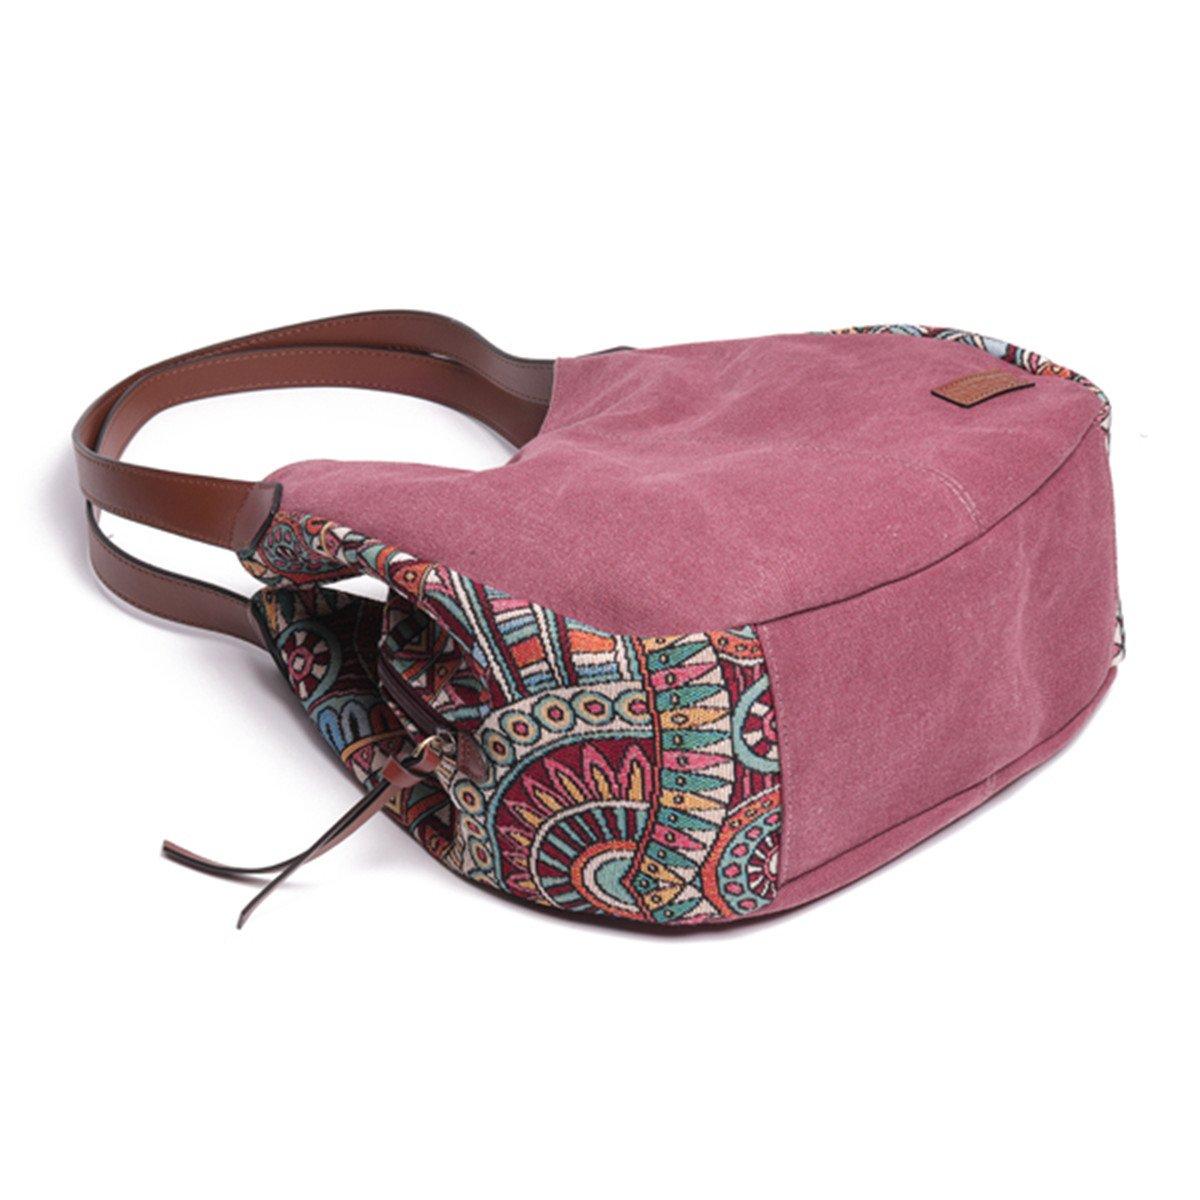 Bernice Bohemia Sacs port/és /épaule Sac /à bandouli/ère pour les femmes grande capacit/é toile Floral sac /à main Totes sacs /à main